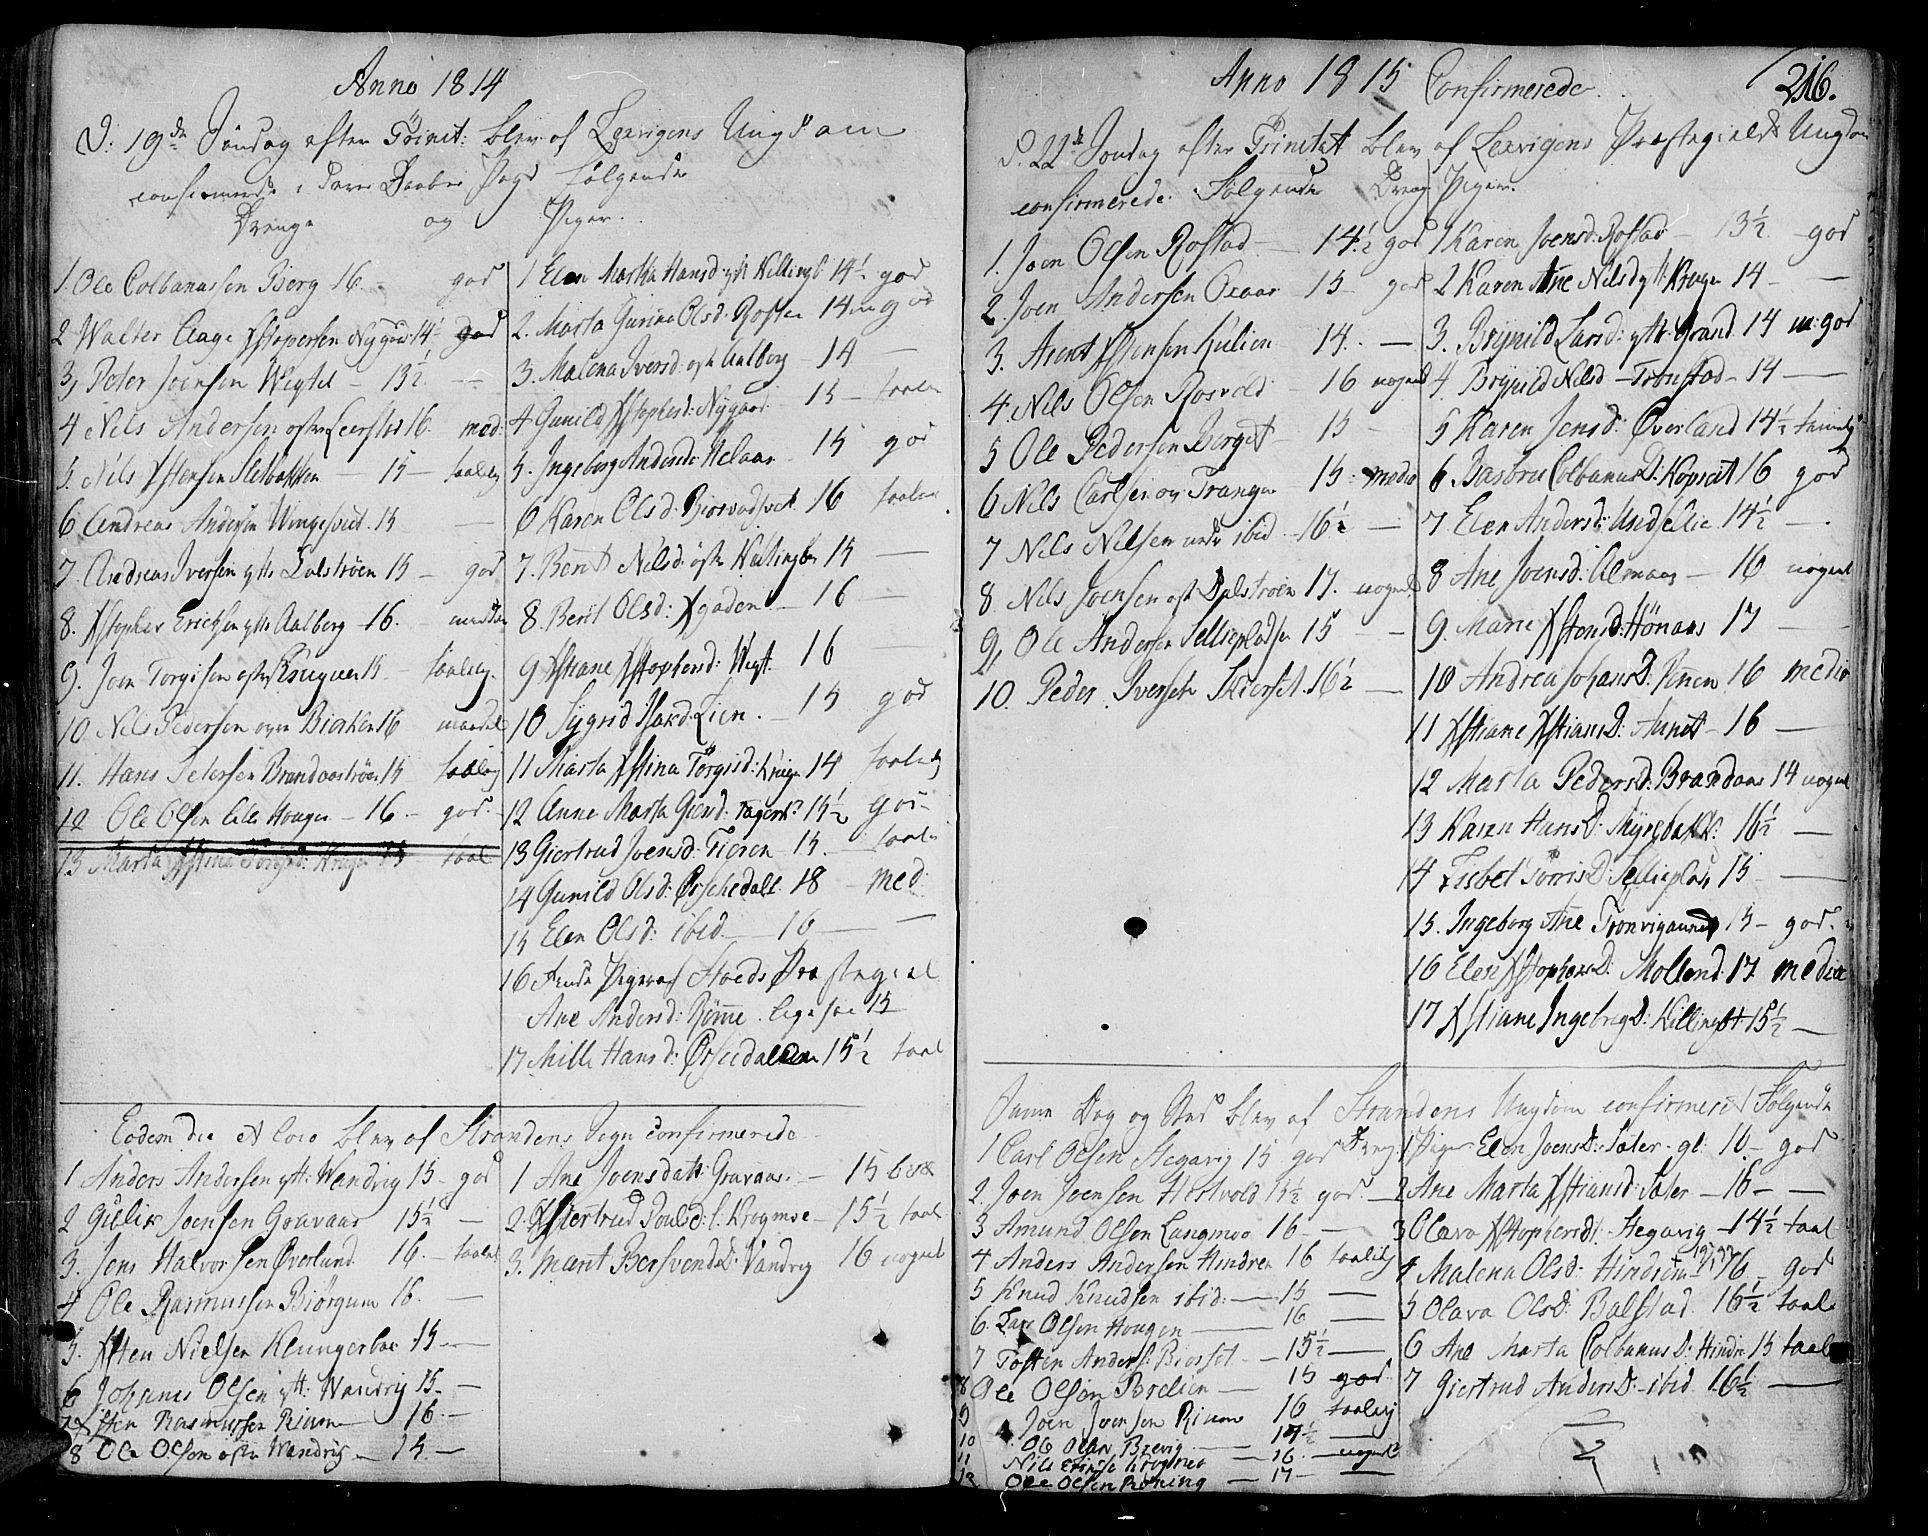 SAT, Ministerialprotokoller, klokkerbøker og fødselsregistre - Nord-Trøndelag, 701/L0004: Ministerialbok nr. 701A04, 1783-1816, s. 216